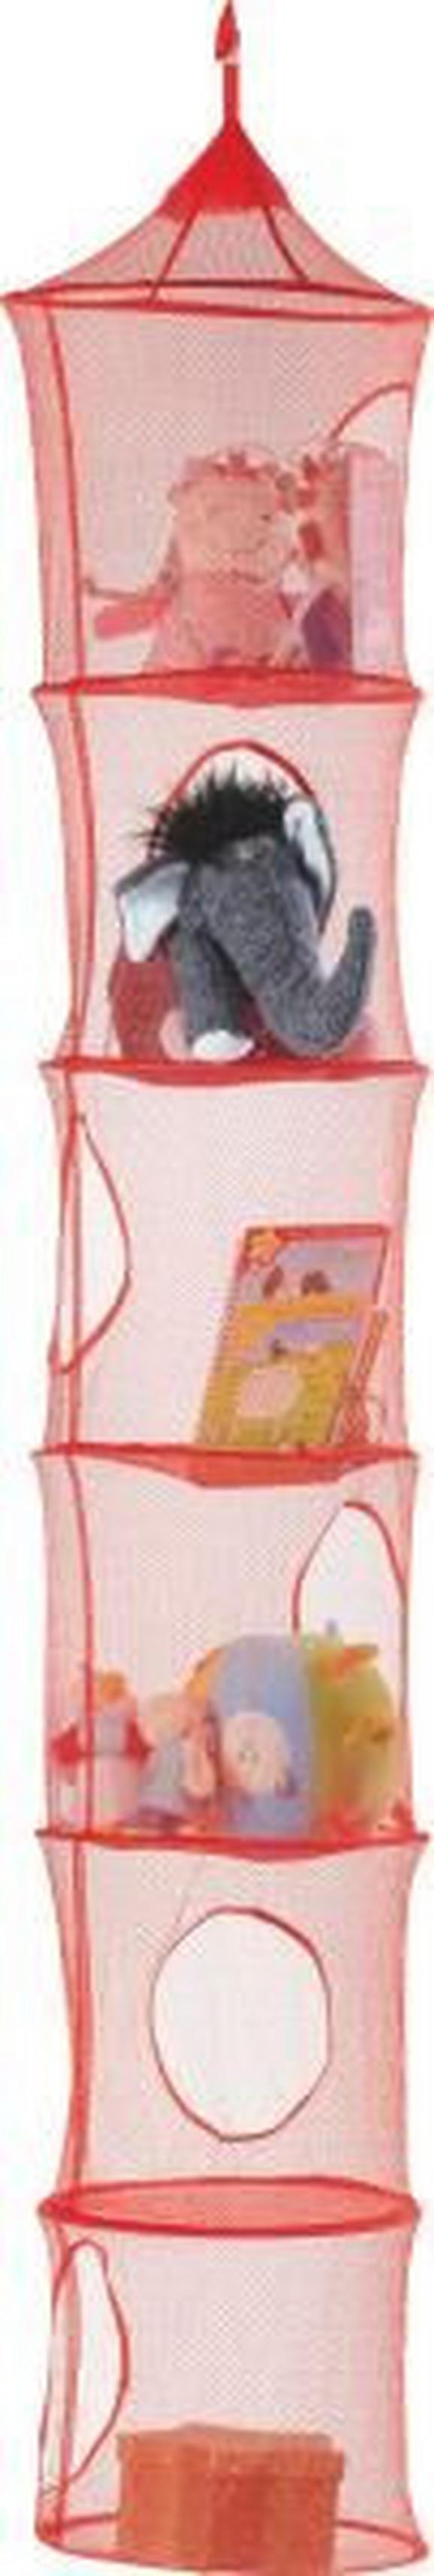 Aufbewahrungsbox Kampy - Rot, KONVENTIONELL, Textil (30/180cm) - Xenos